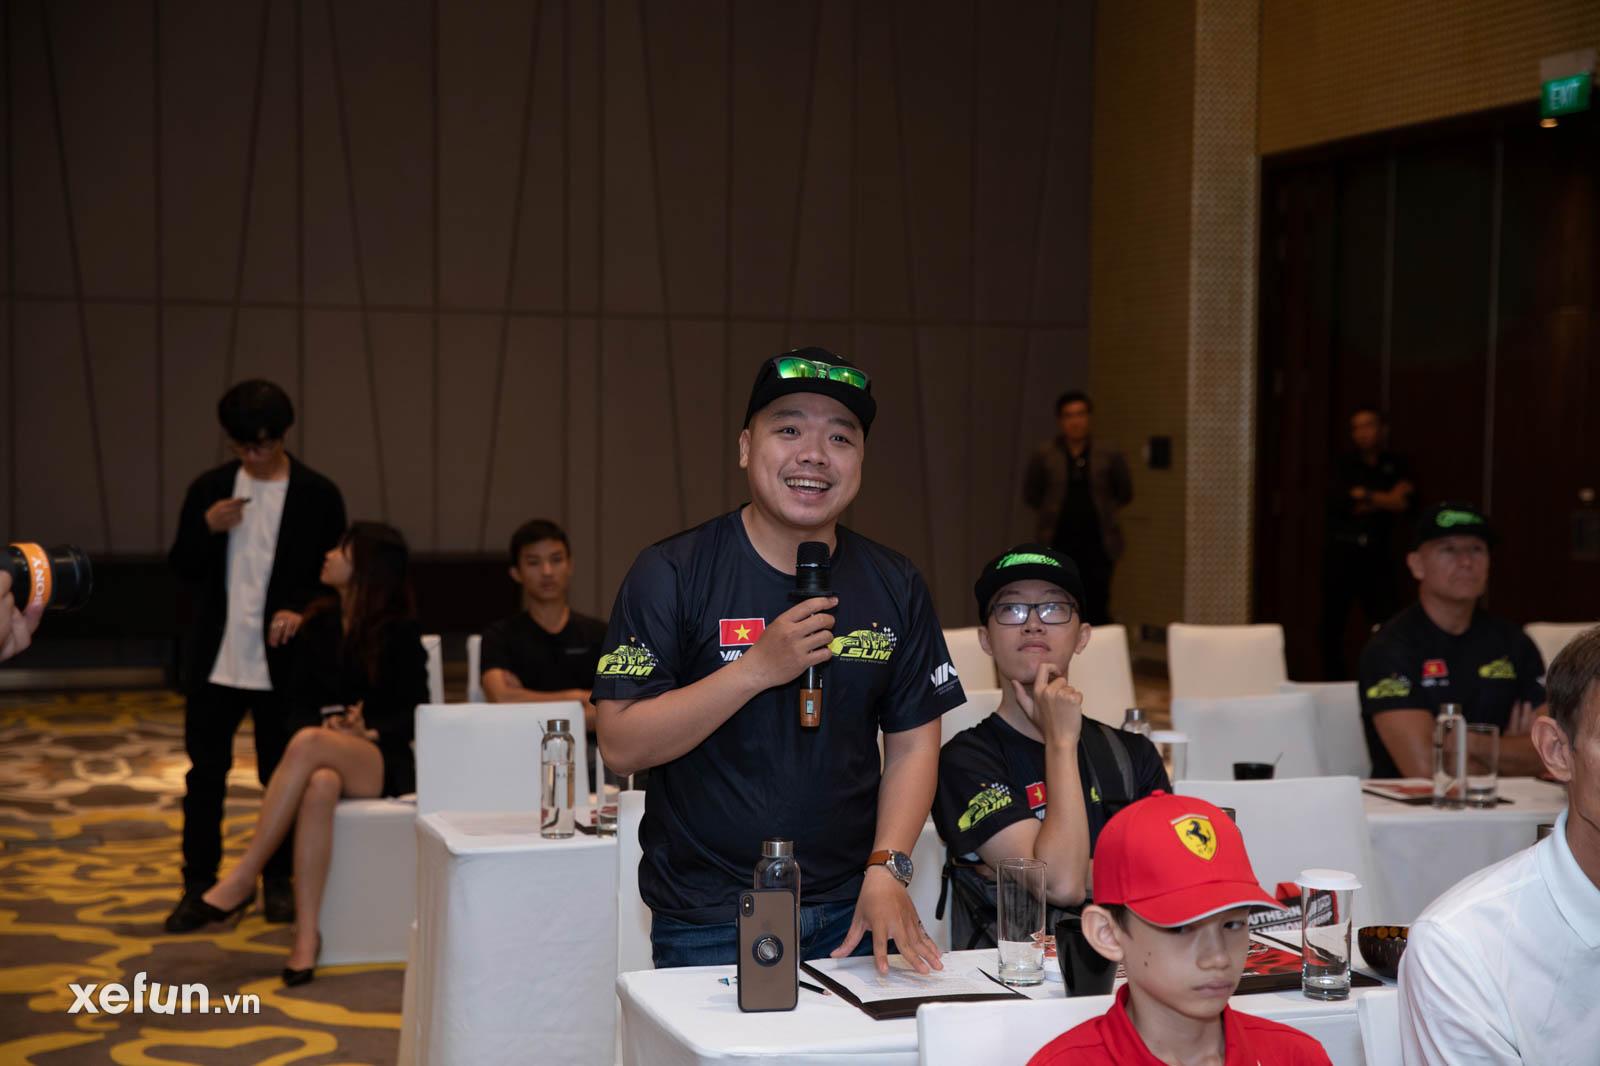 Giải đua Go Kart Southern Open Championship Formula Racing Vietnam trên Xefun (1)4758677